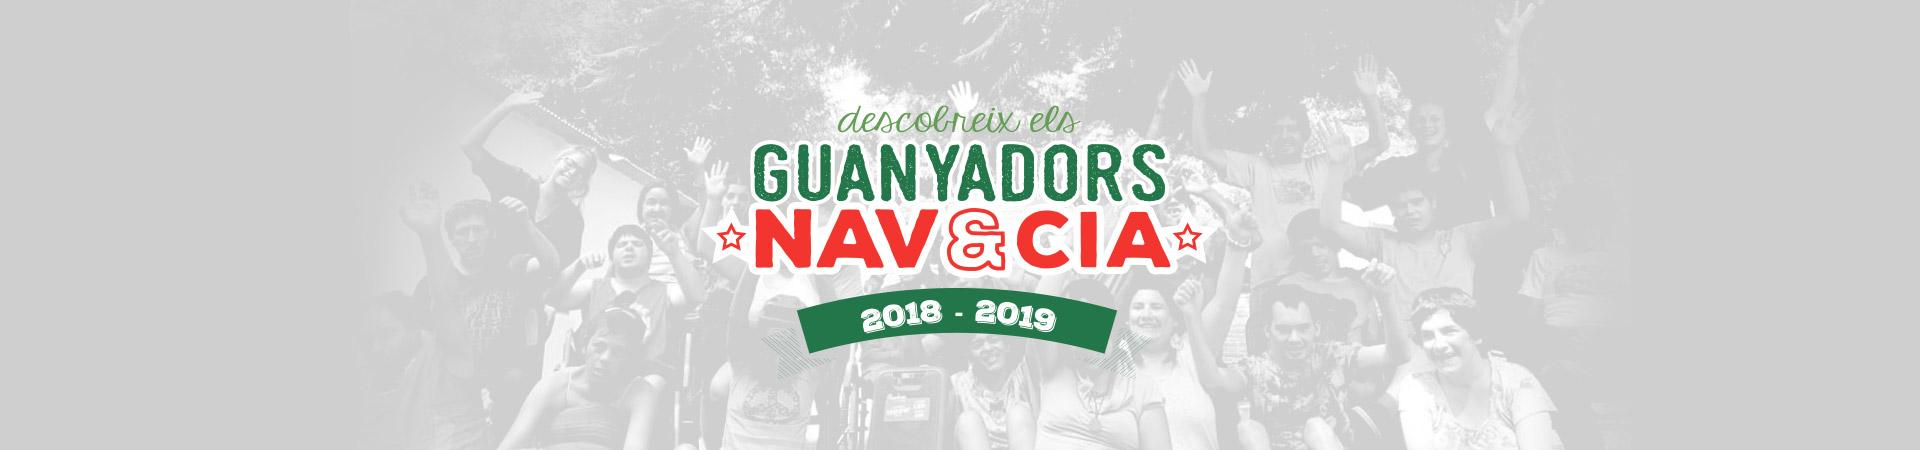 Slide-Ganadores_NavCia2018-19-CA